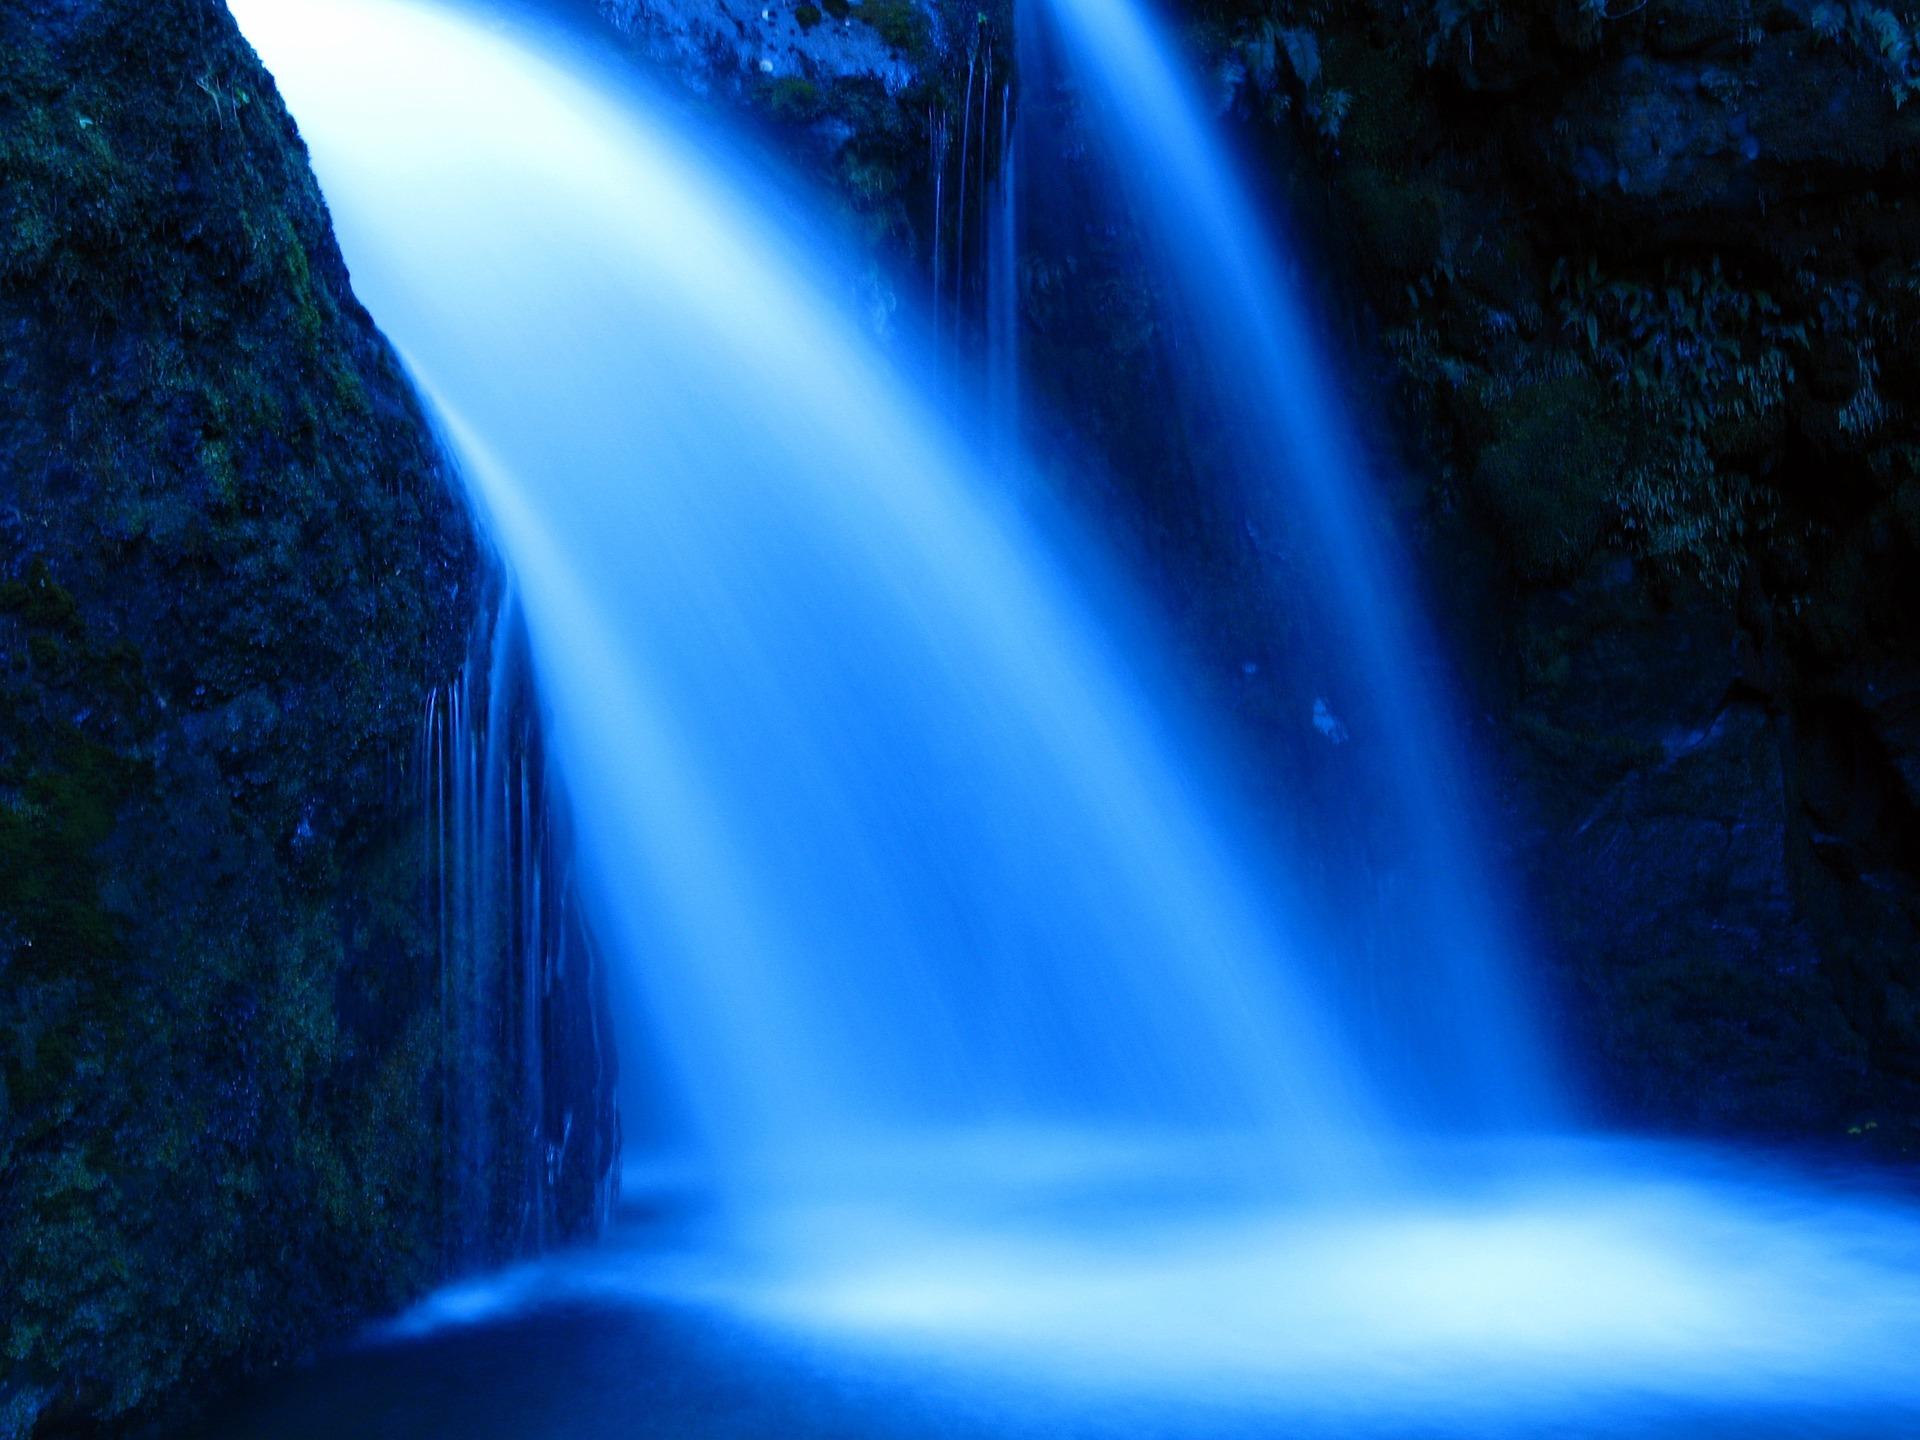 water-913367_1920.jpg